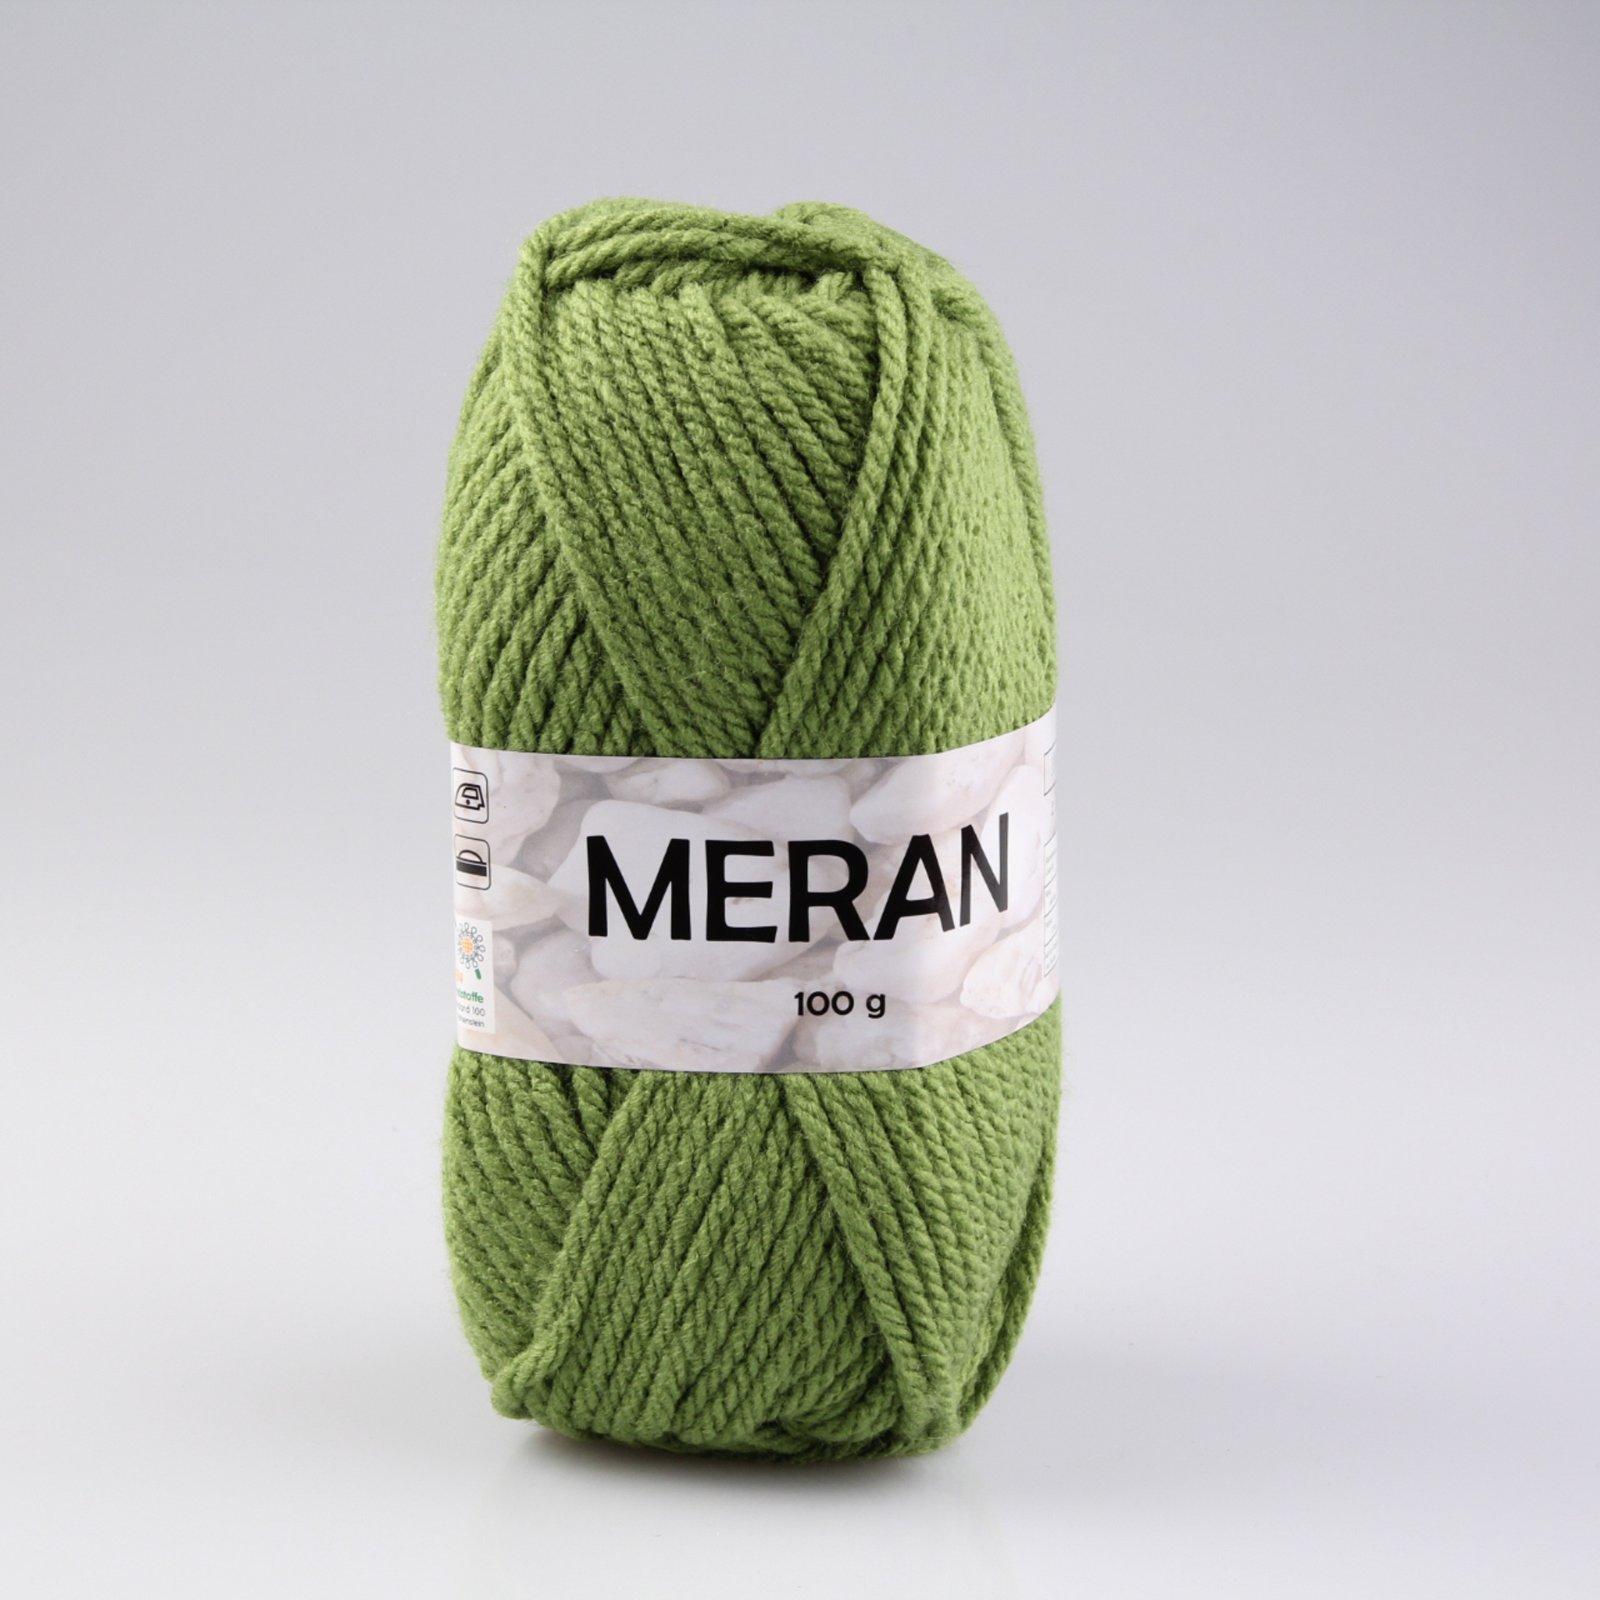 Wolle MERAN - moosgrün - 100g